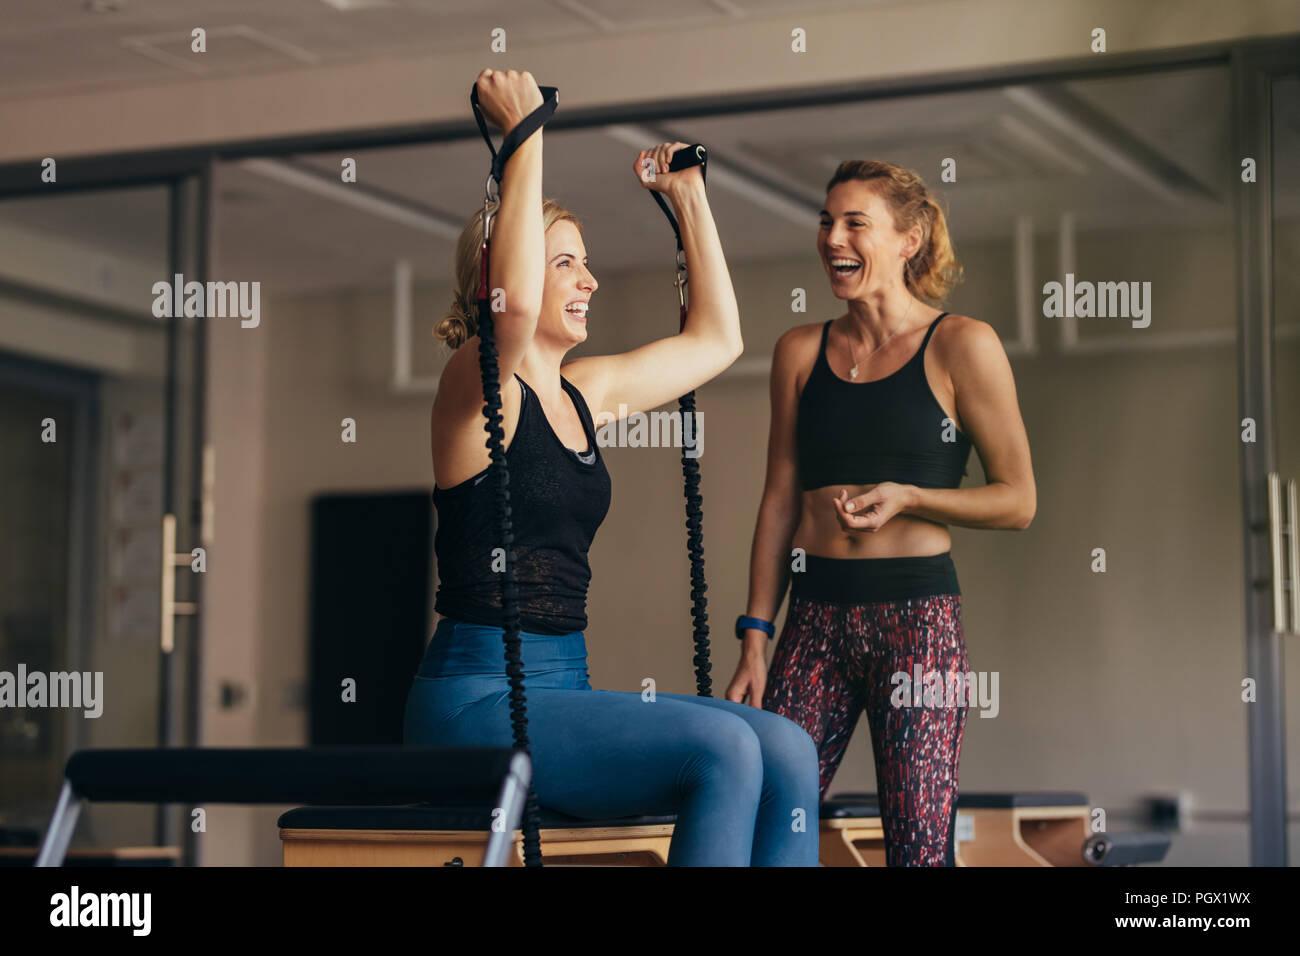 Mujer sonriente tirando de las bandas de estiramiento durante su entrenamiento Pilates. Mujeres en un gimnasio de entrenamiento Pilates riendo mientras se hace ejercicio. Imagen De Stock